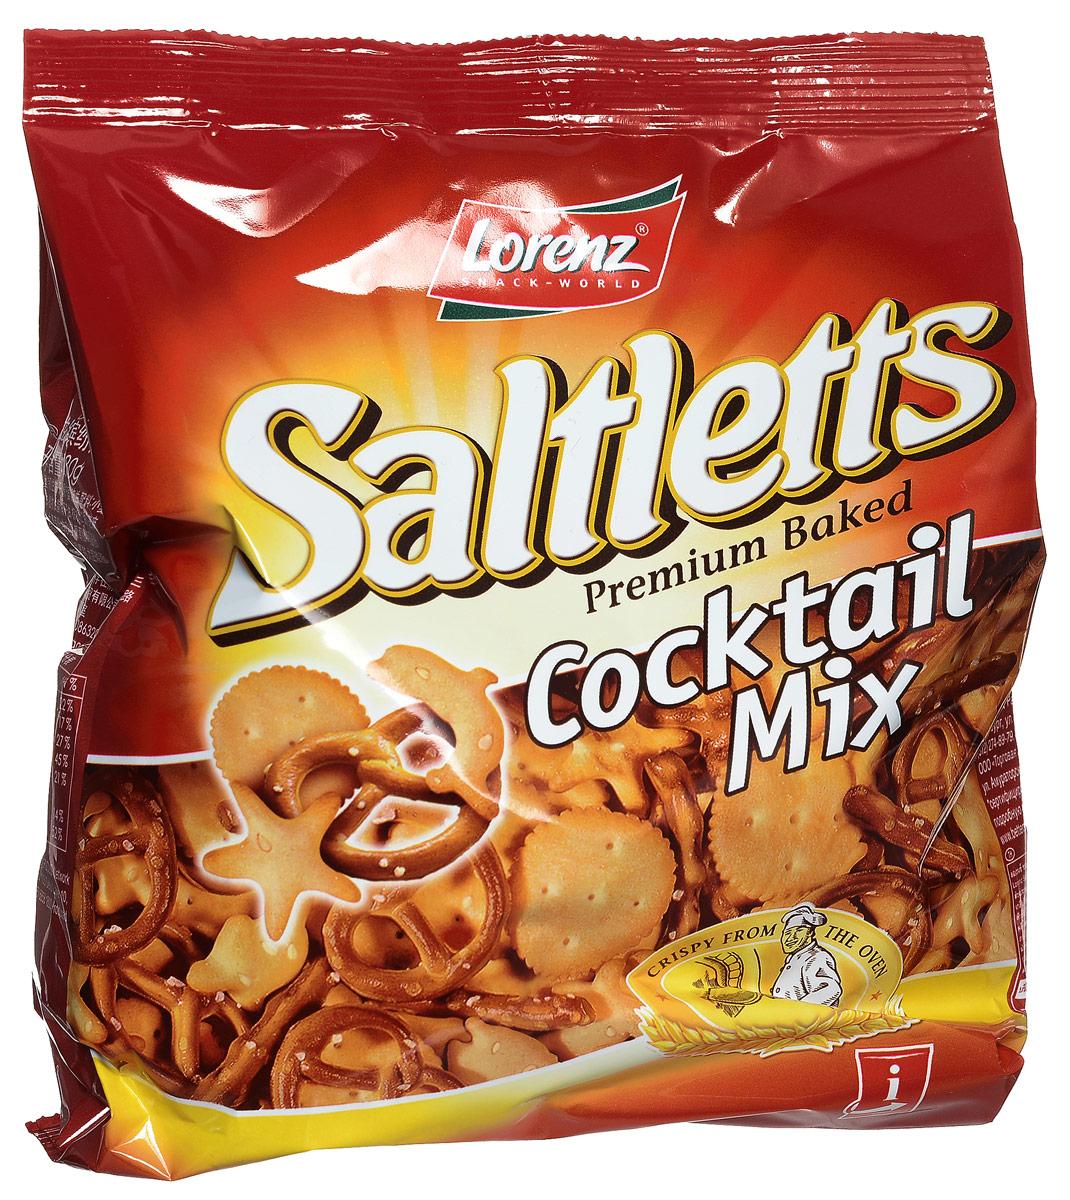 Lorenz Saltletts коктейль печенье и крендельки, 180 гбзе019Вы сможете порадовать гостей коктейлем из крендельков и других восхитительных соленых снэков. В Saltletts Cocktail Mix каждый найдет то, что ему по вкусу!